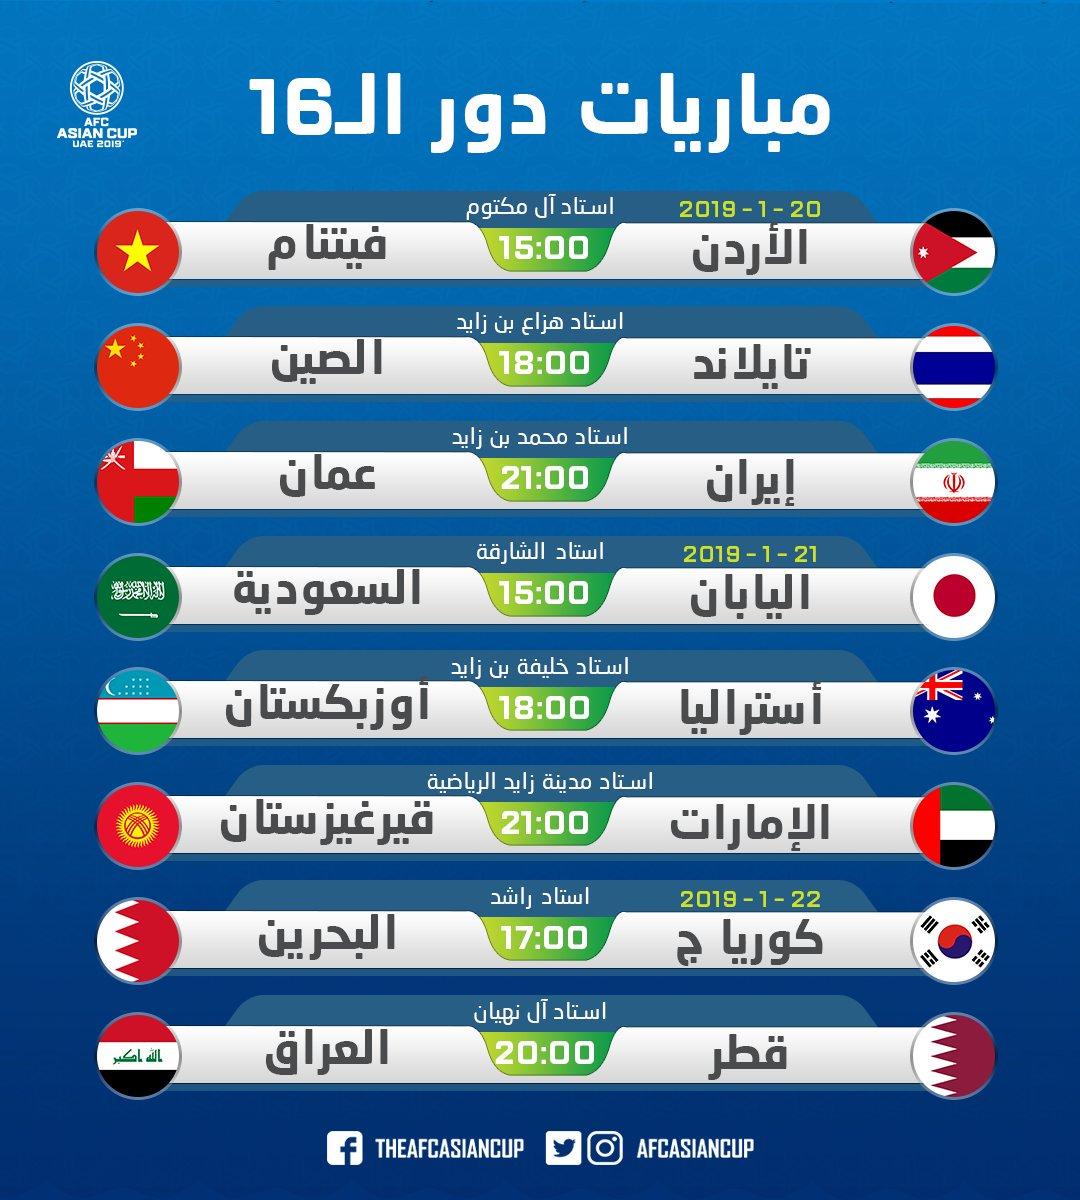 قمة عربية.. ولقاء صعب للسعودية والبحرين بثمن نهائي كأس آسيا